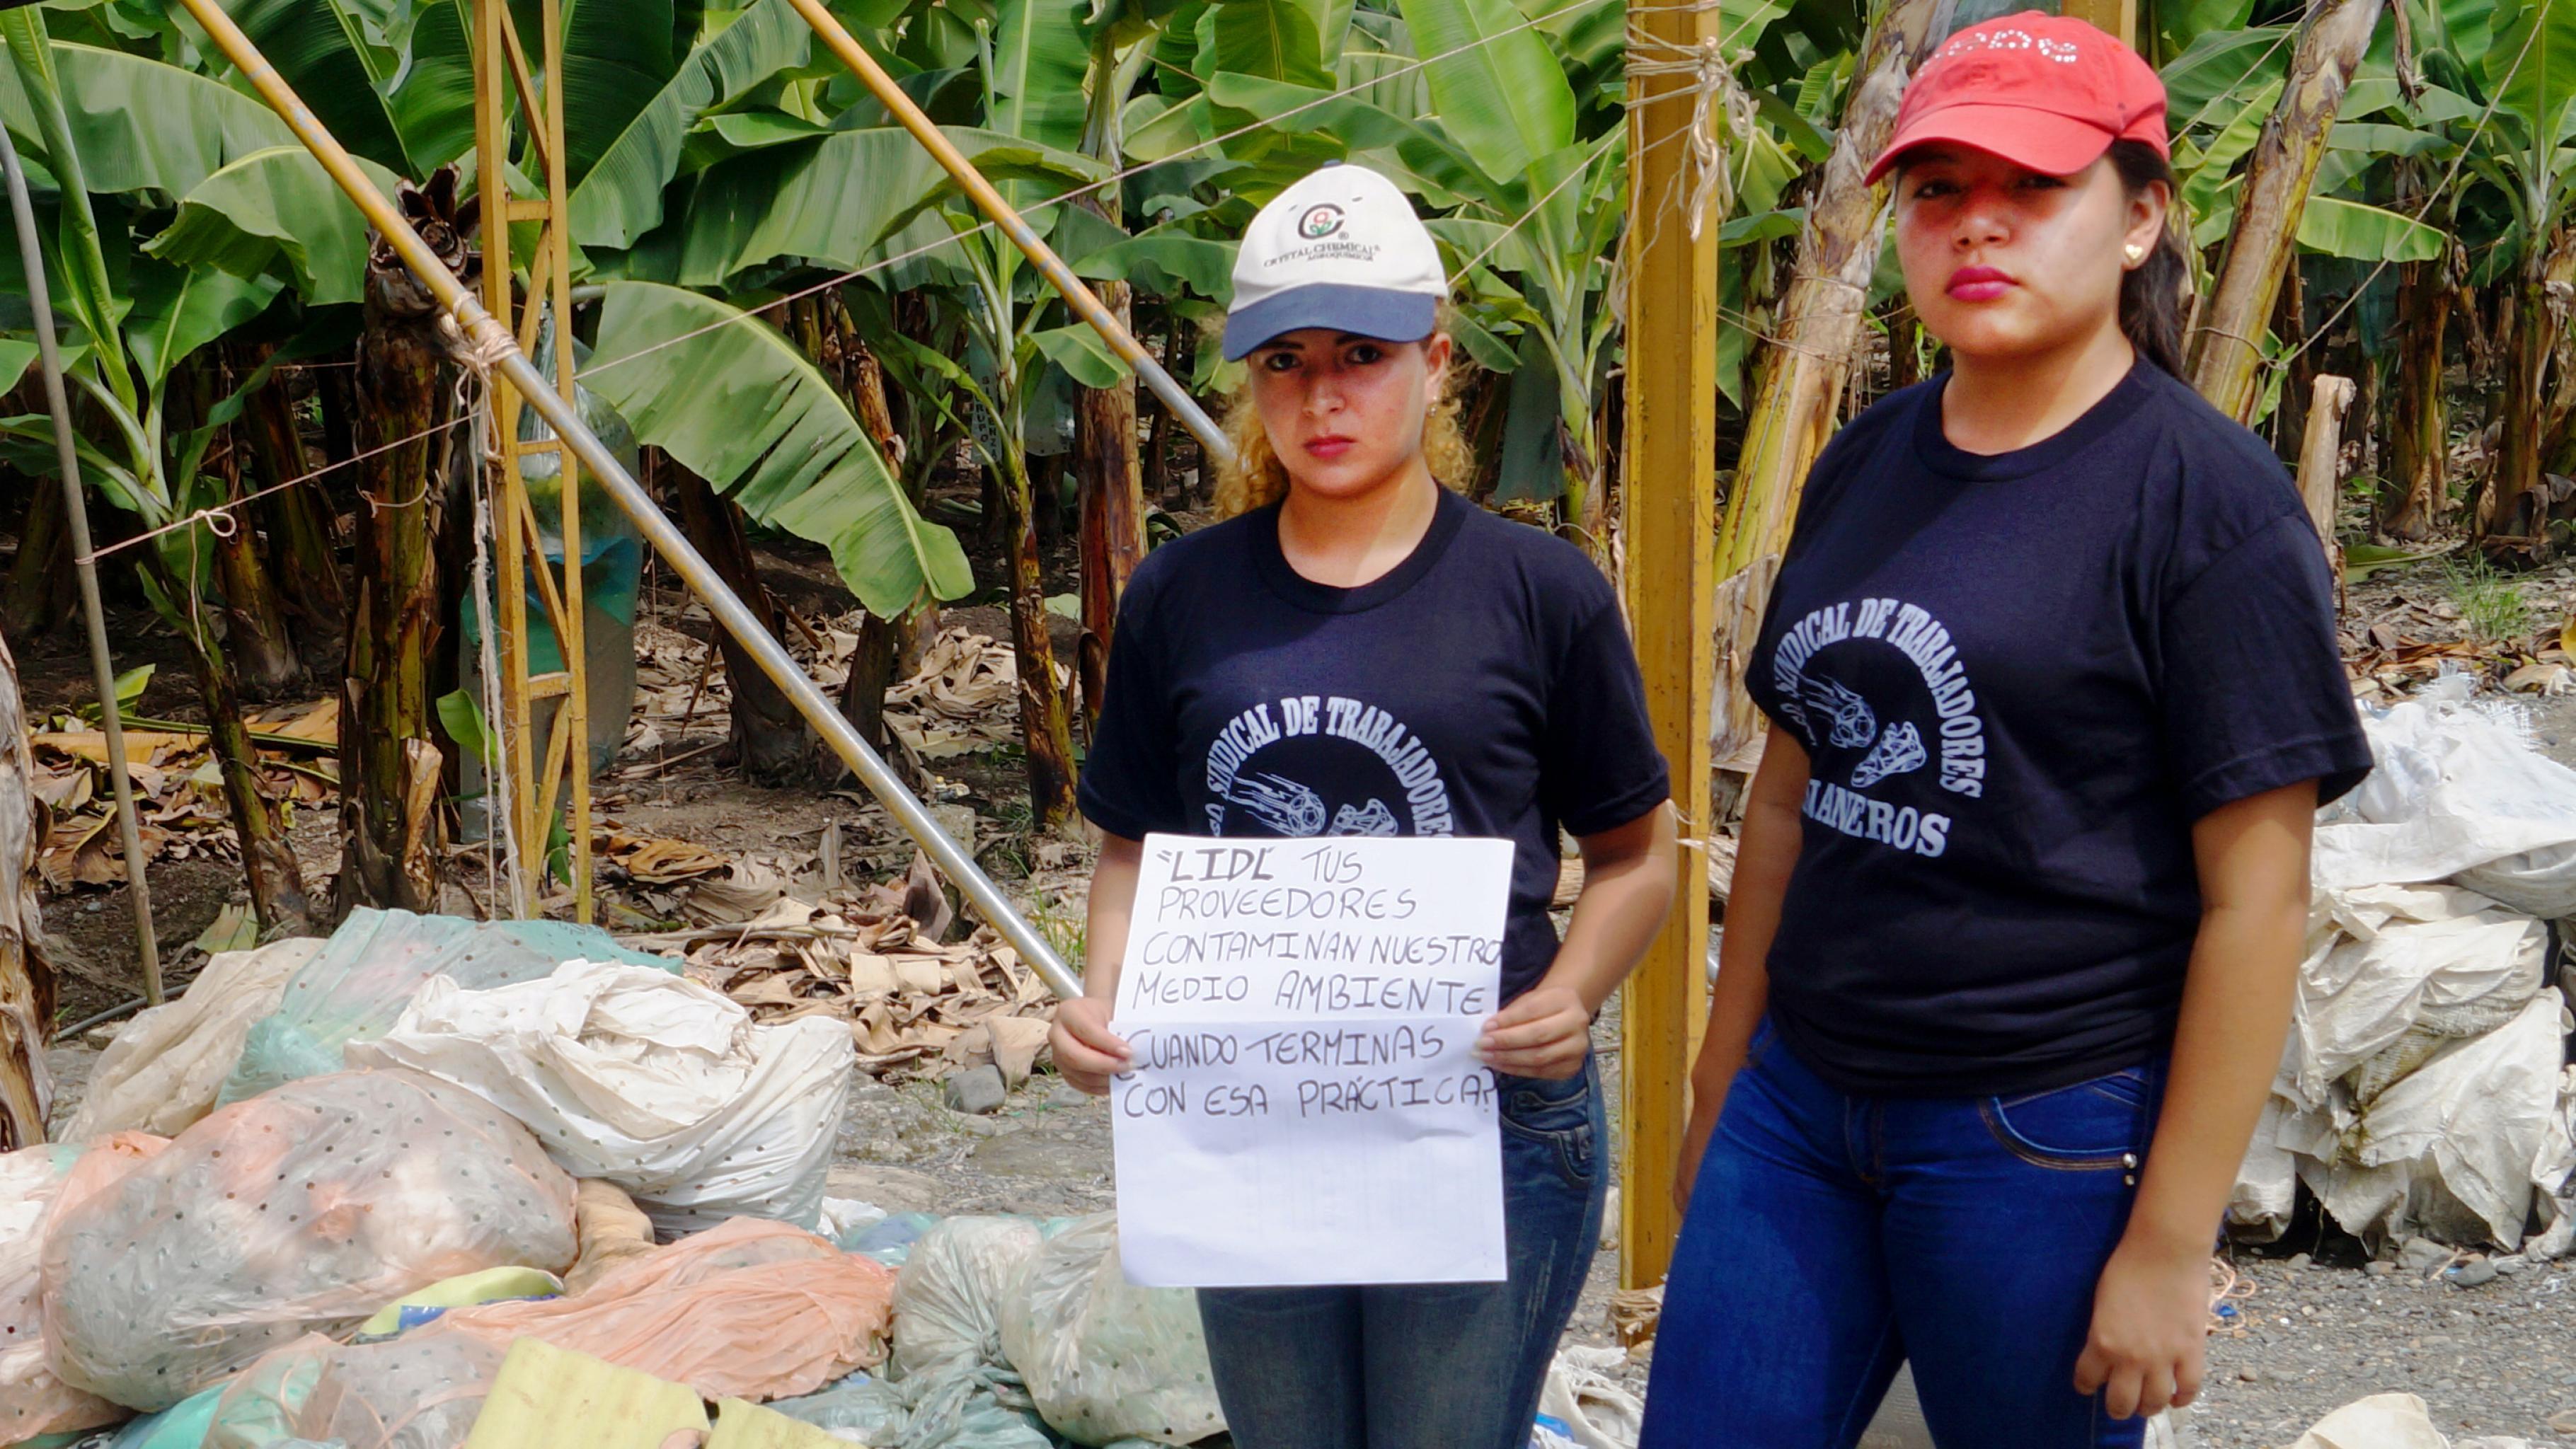 """Zwei Frauen stehen an einer Straße vor einer Bananenplantage. Eine hält ein Plakat mit der Aufschrift: """"Lidl, tus proveedores contaminan nuestro medio ambiente – cuando terminas con esa práctica?"""""""